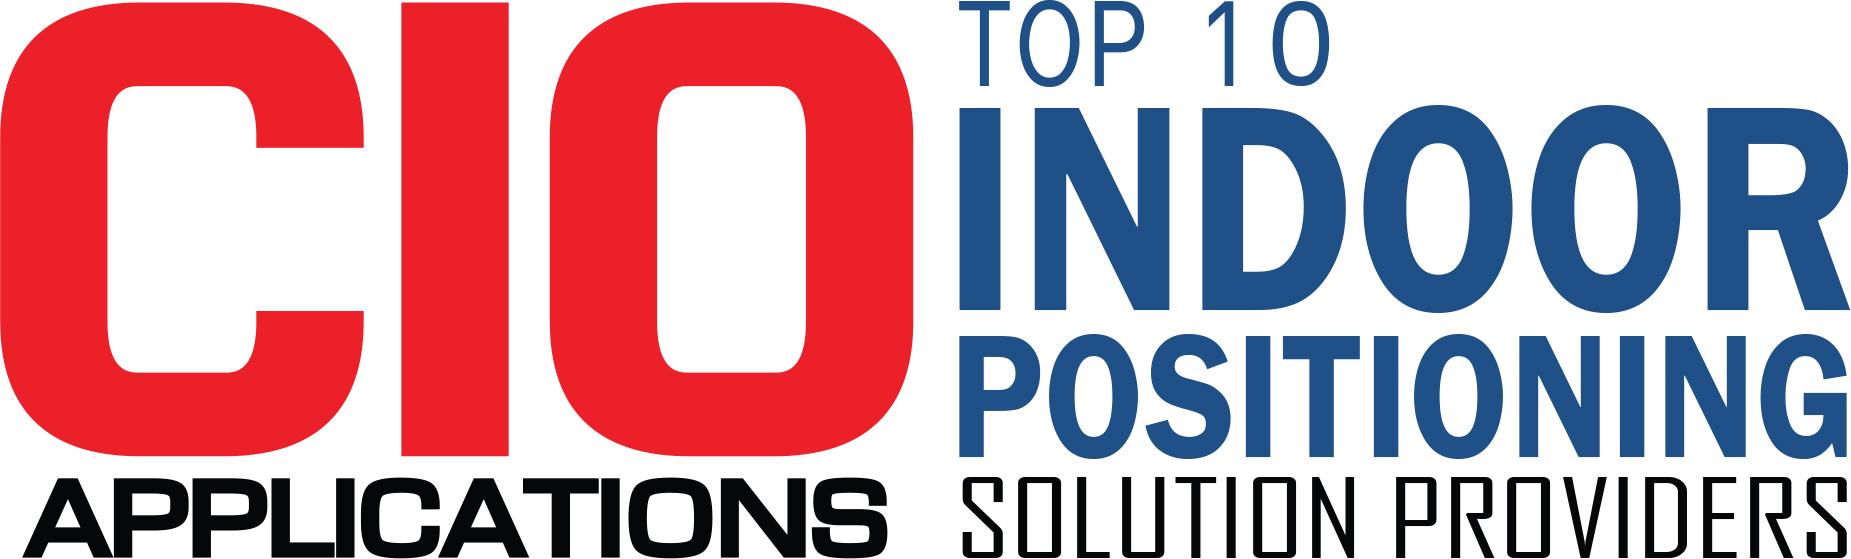 Top indoor positioning solution companies